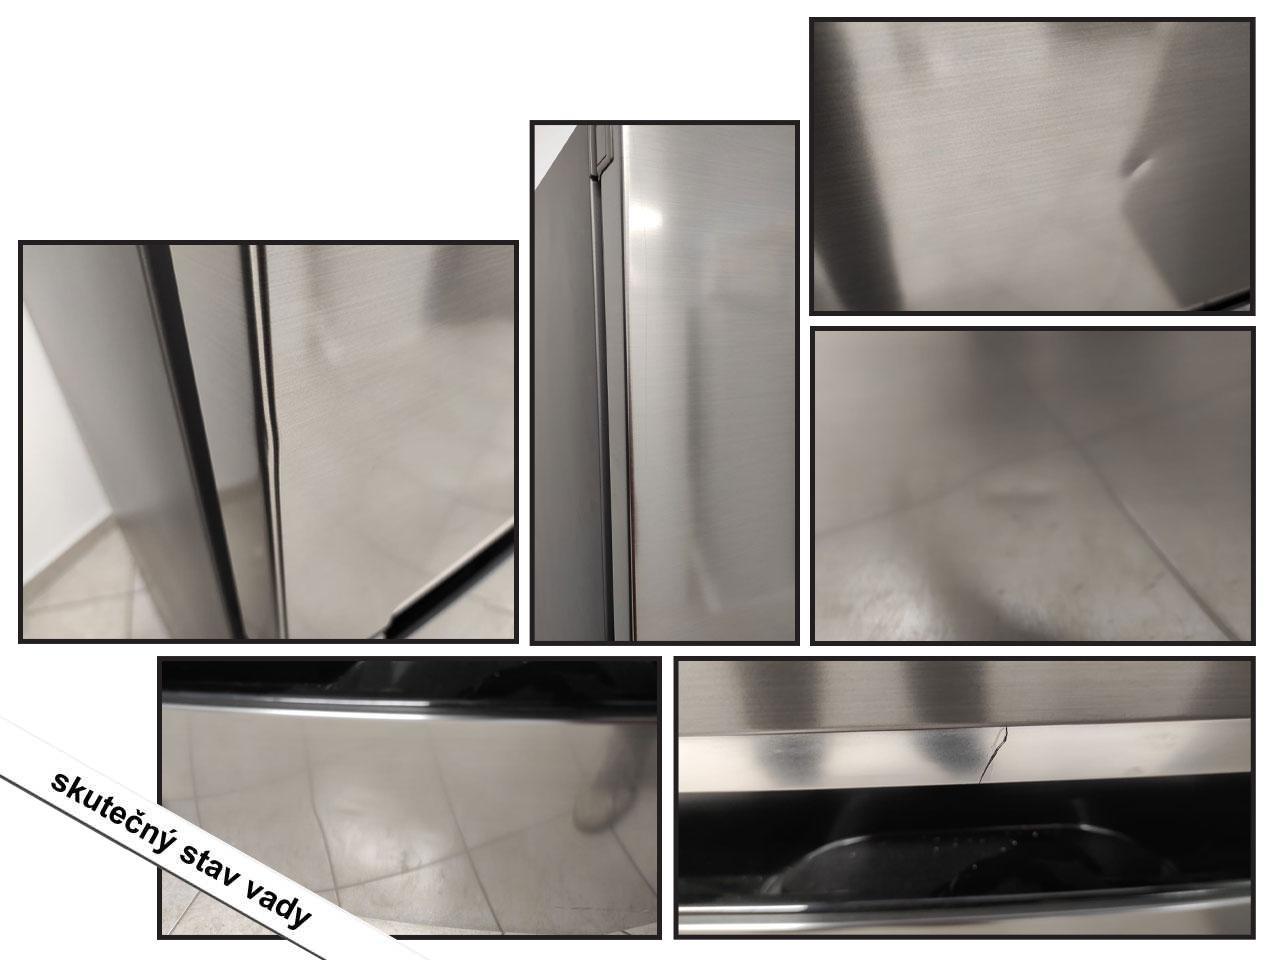 Chladnička SAMSUNG RB33J3215SS + 10 let záruka na kompresor!